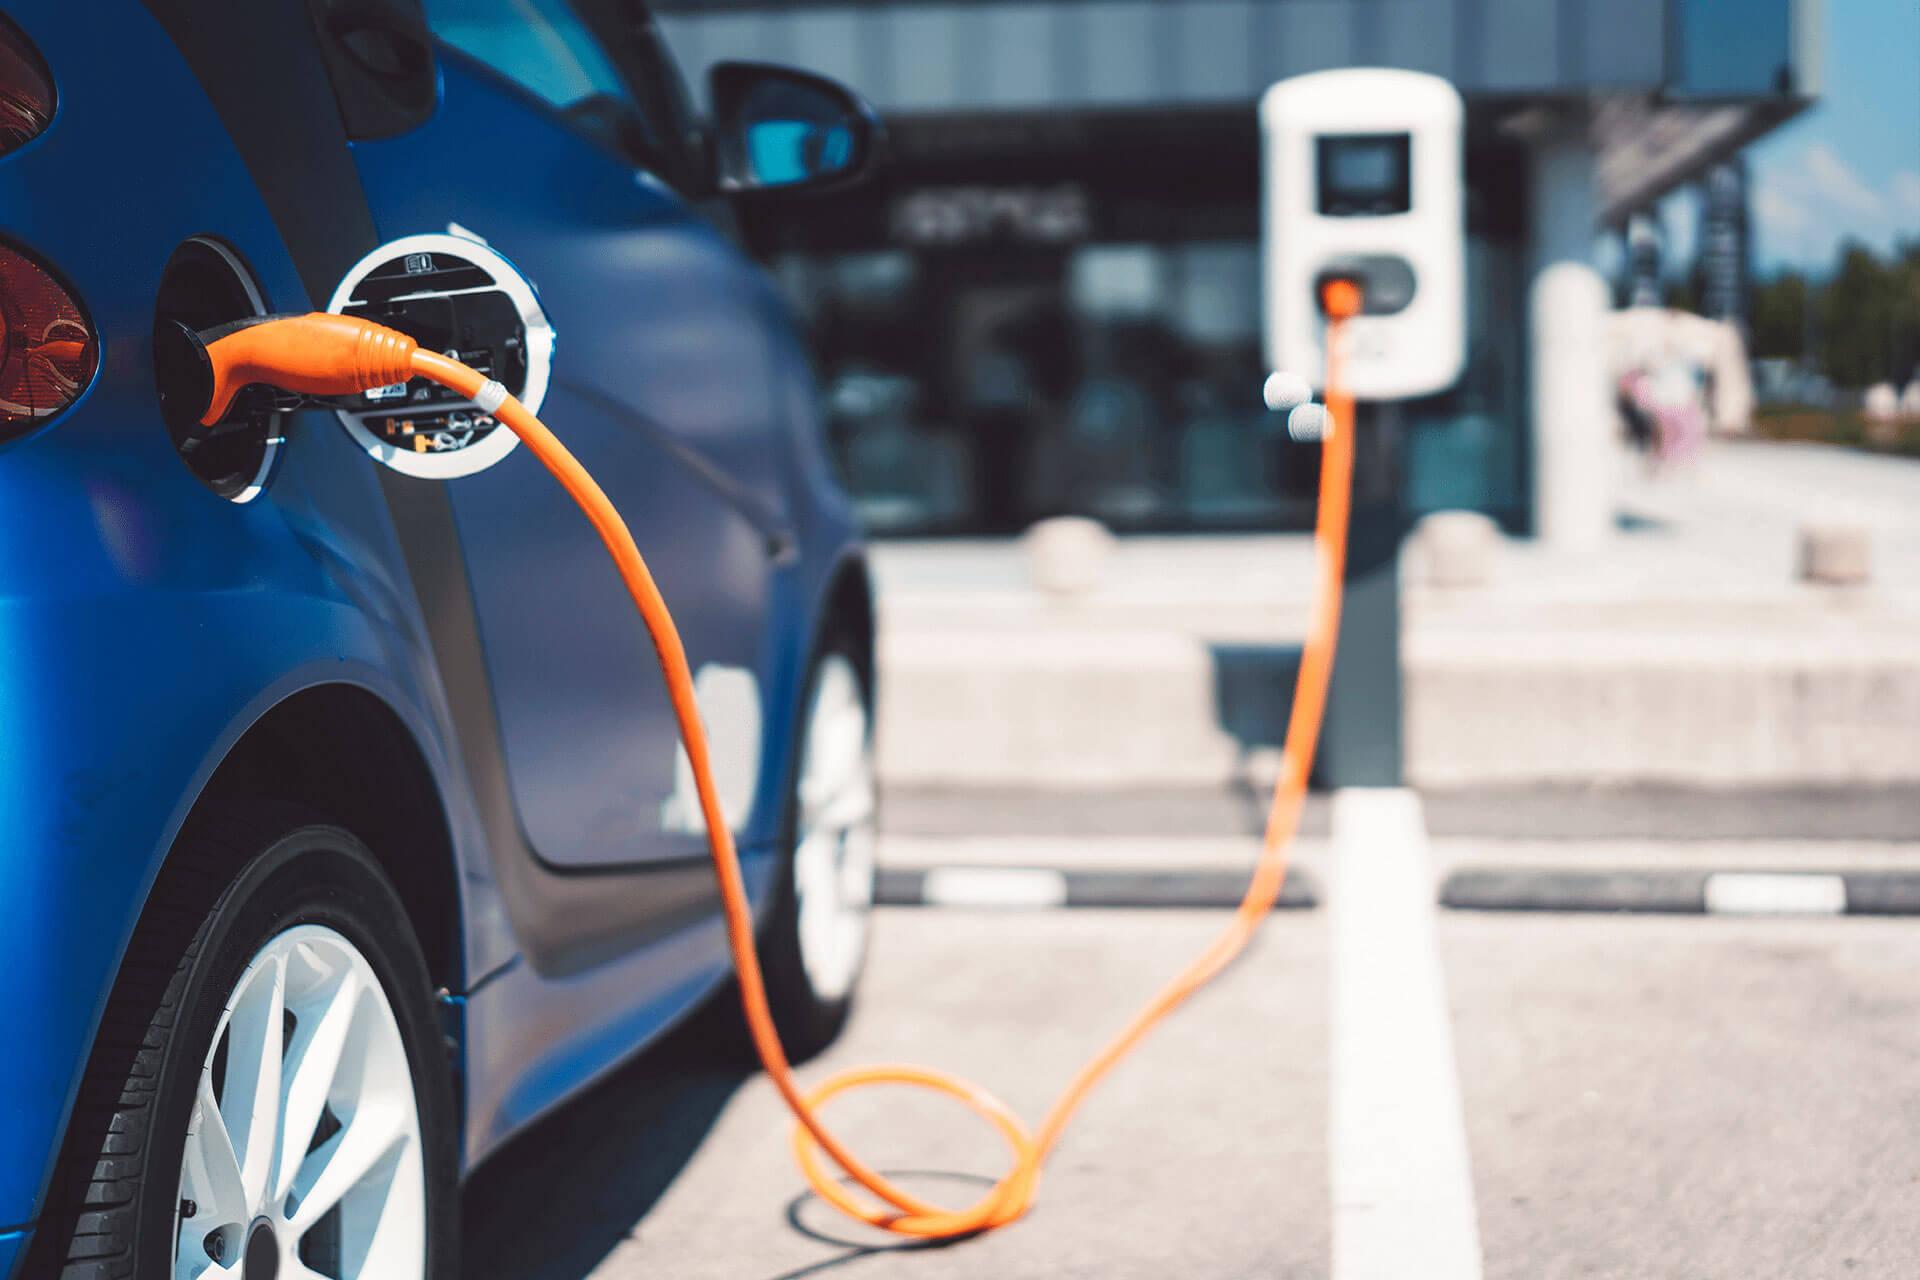 Blaues Elektroauto lädt auf einem öffentlichen Parkplatz mit orangenen Kabel